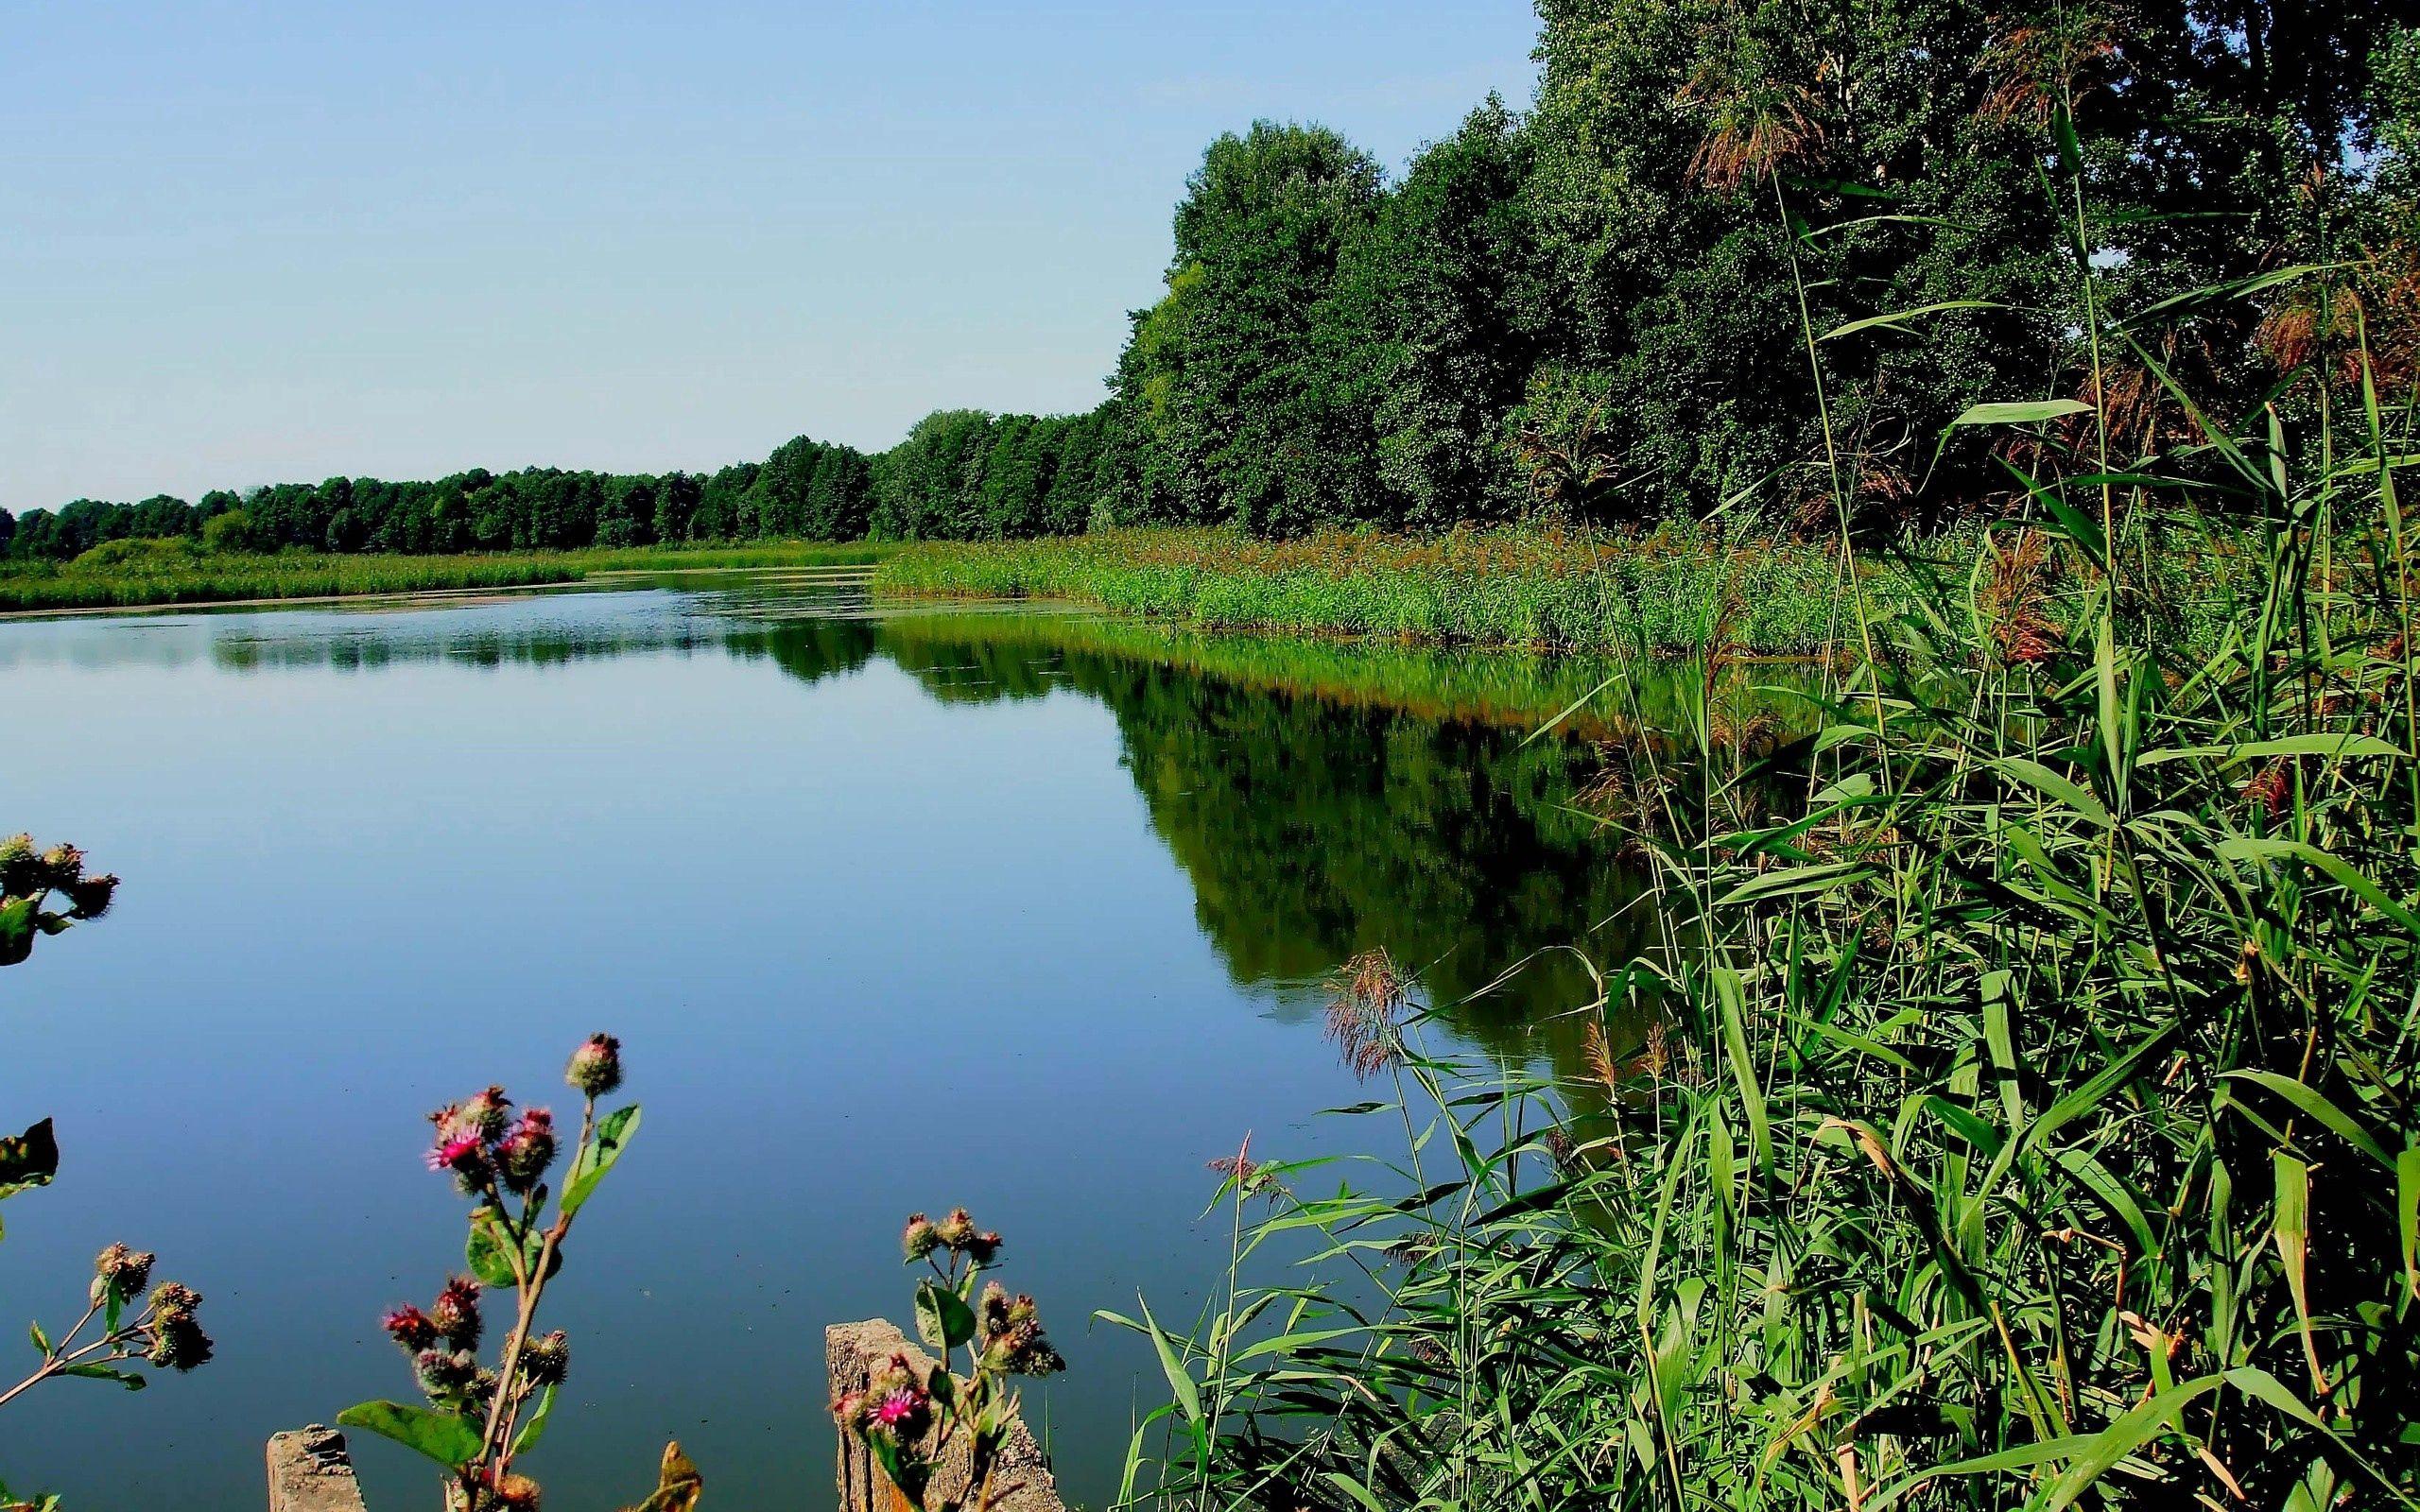 69449 скачать обои Река, Природа, Деревья, Трава, Растение - заставки и картинки бесплатно